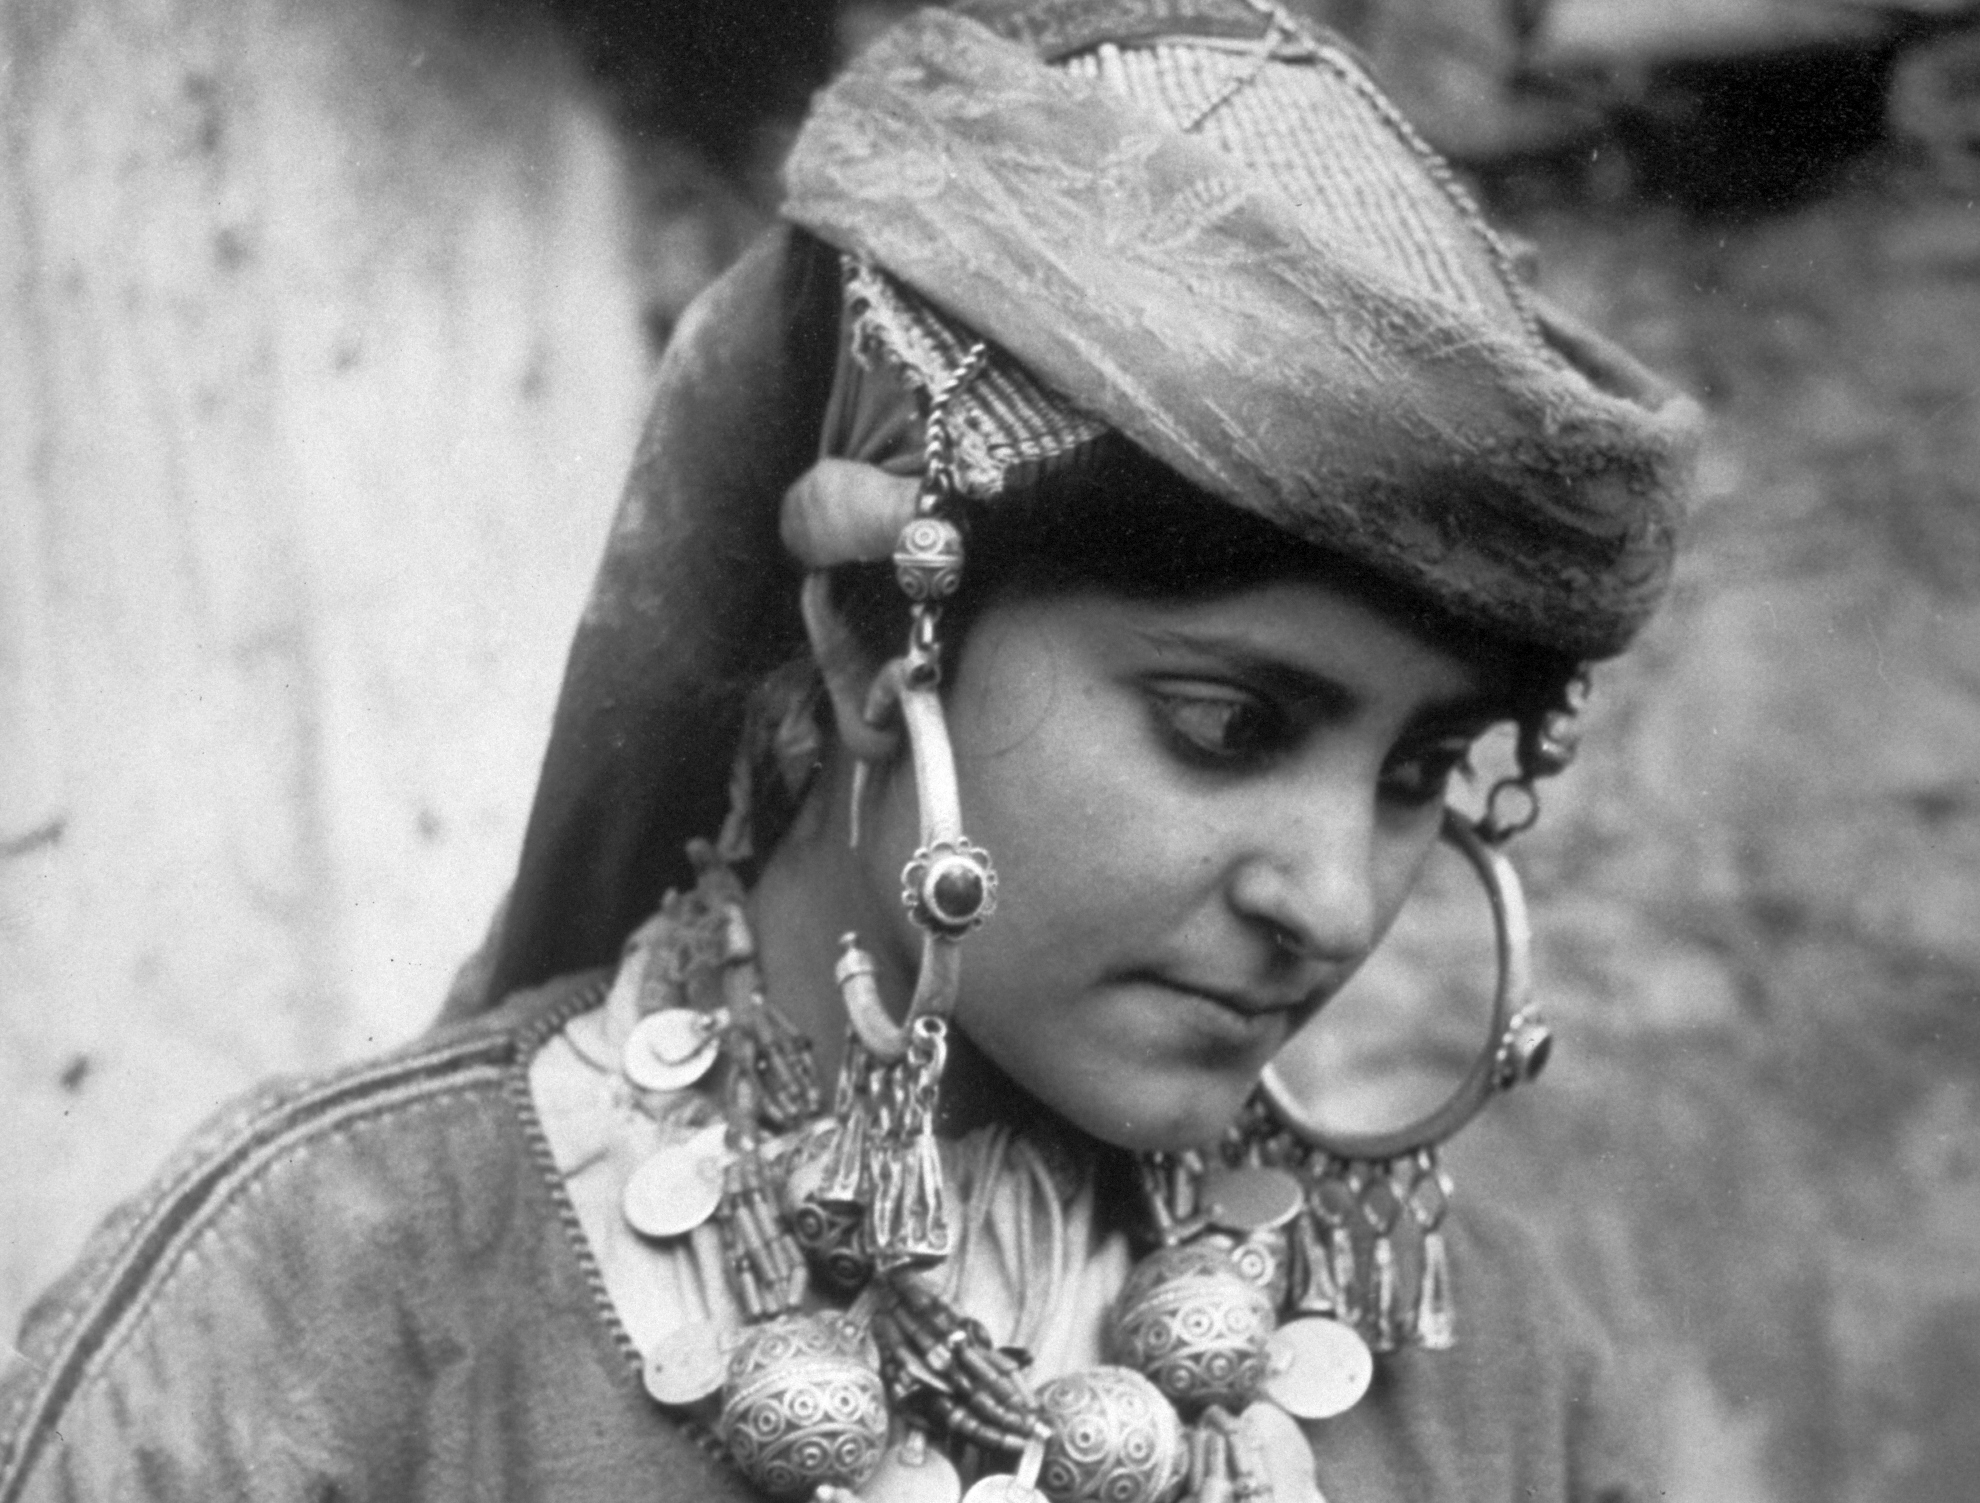 Visite de l'exposition Juifs du Maroc, 1934-1937 Photographies de Jean Besancenot, par Cécile Petitet